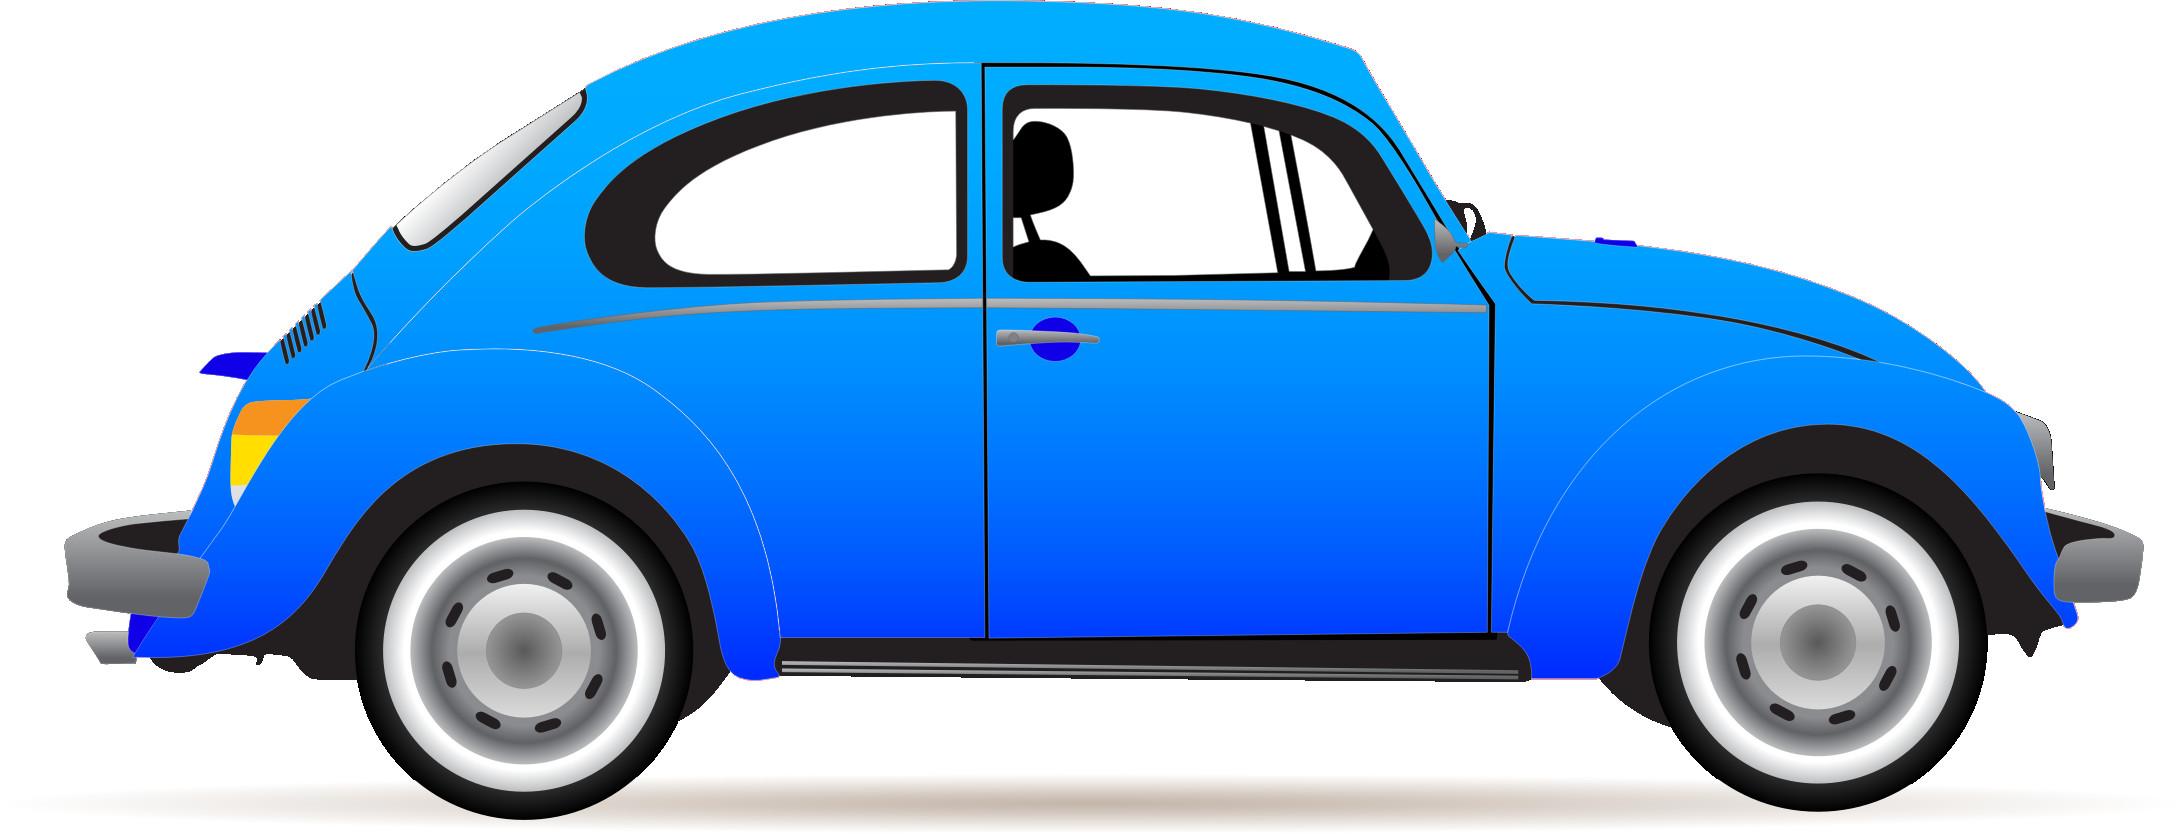 2182x834 Car Clipart Fotolip Com Rich Image And Wallpaper Cool Clip Art